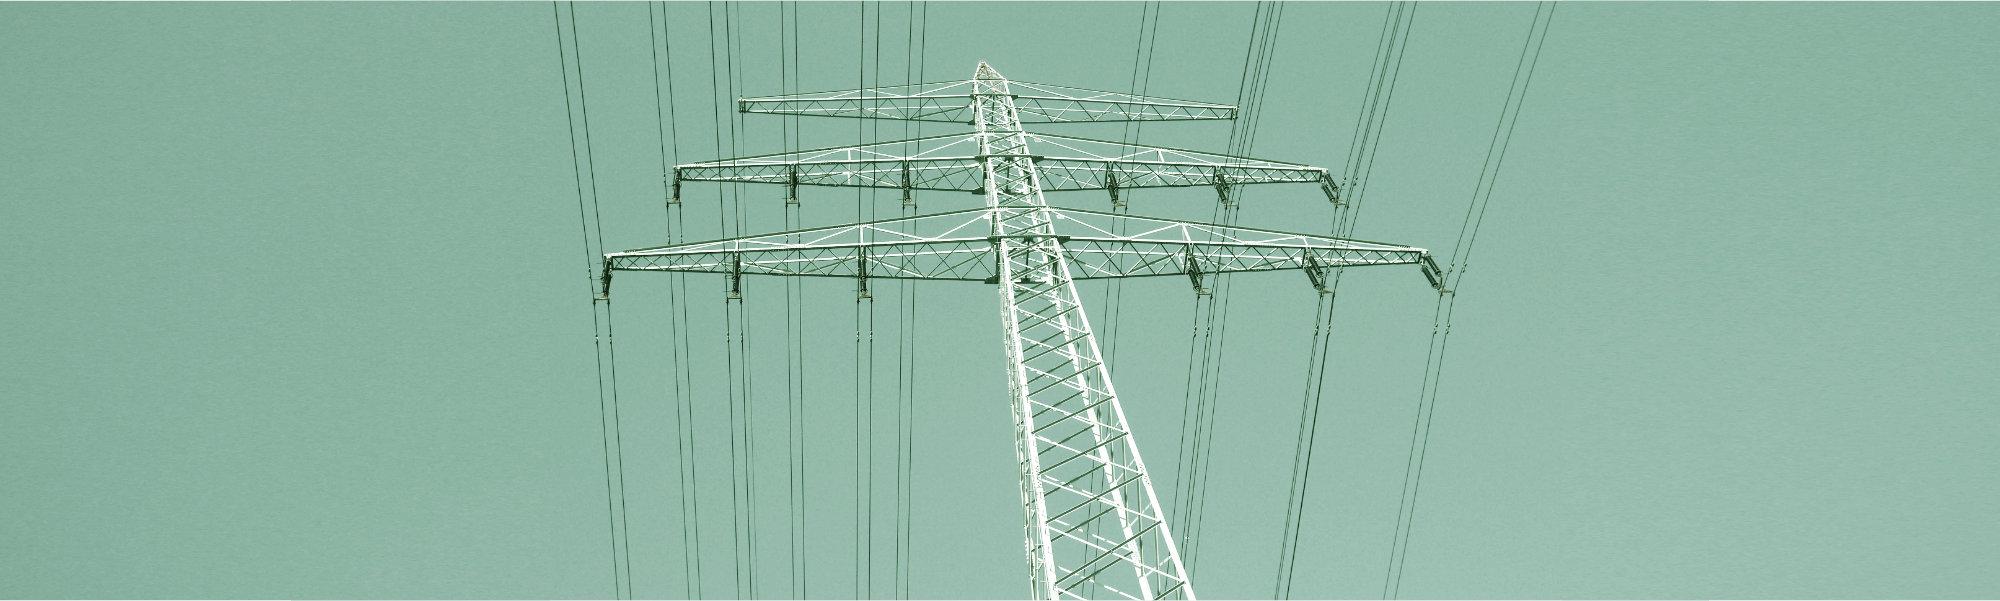 Bild: Stromleitungen